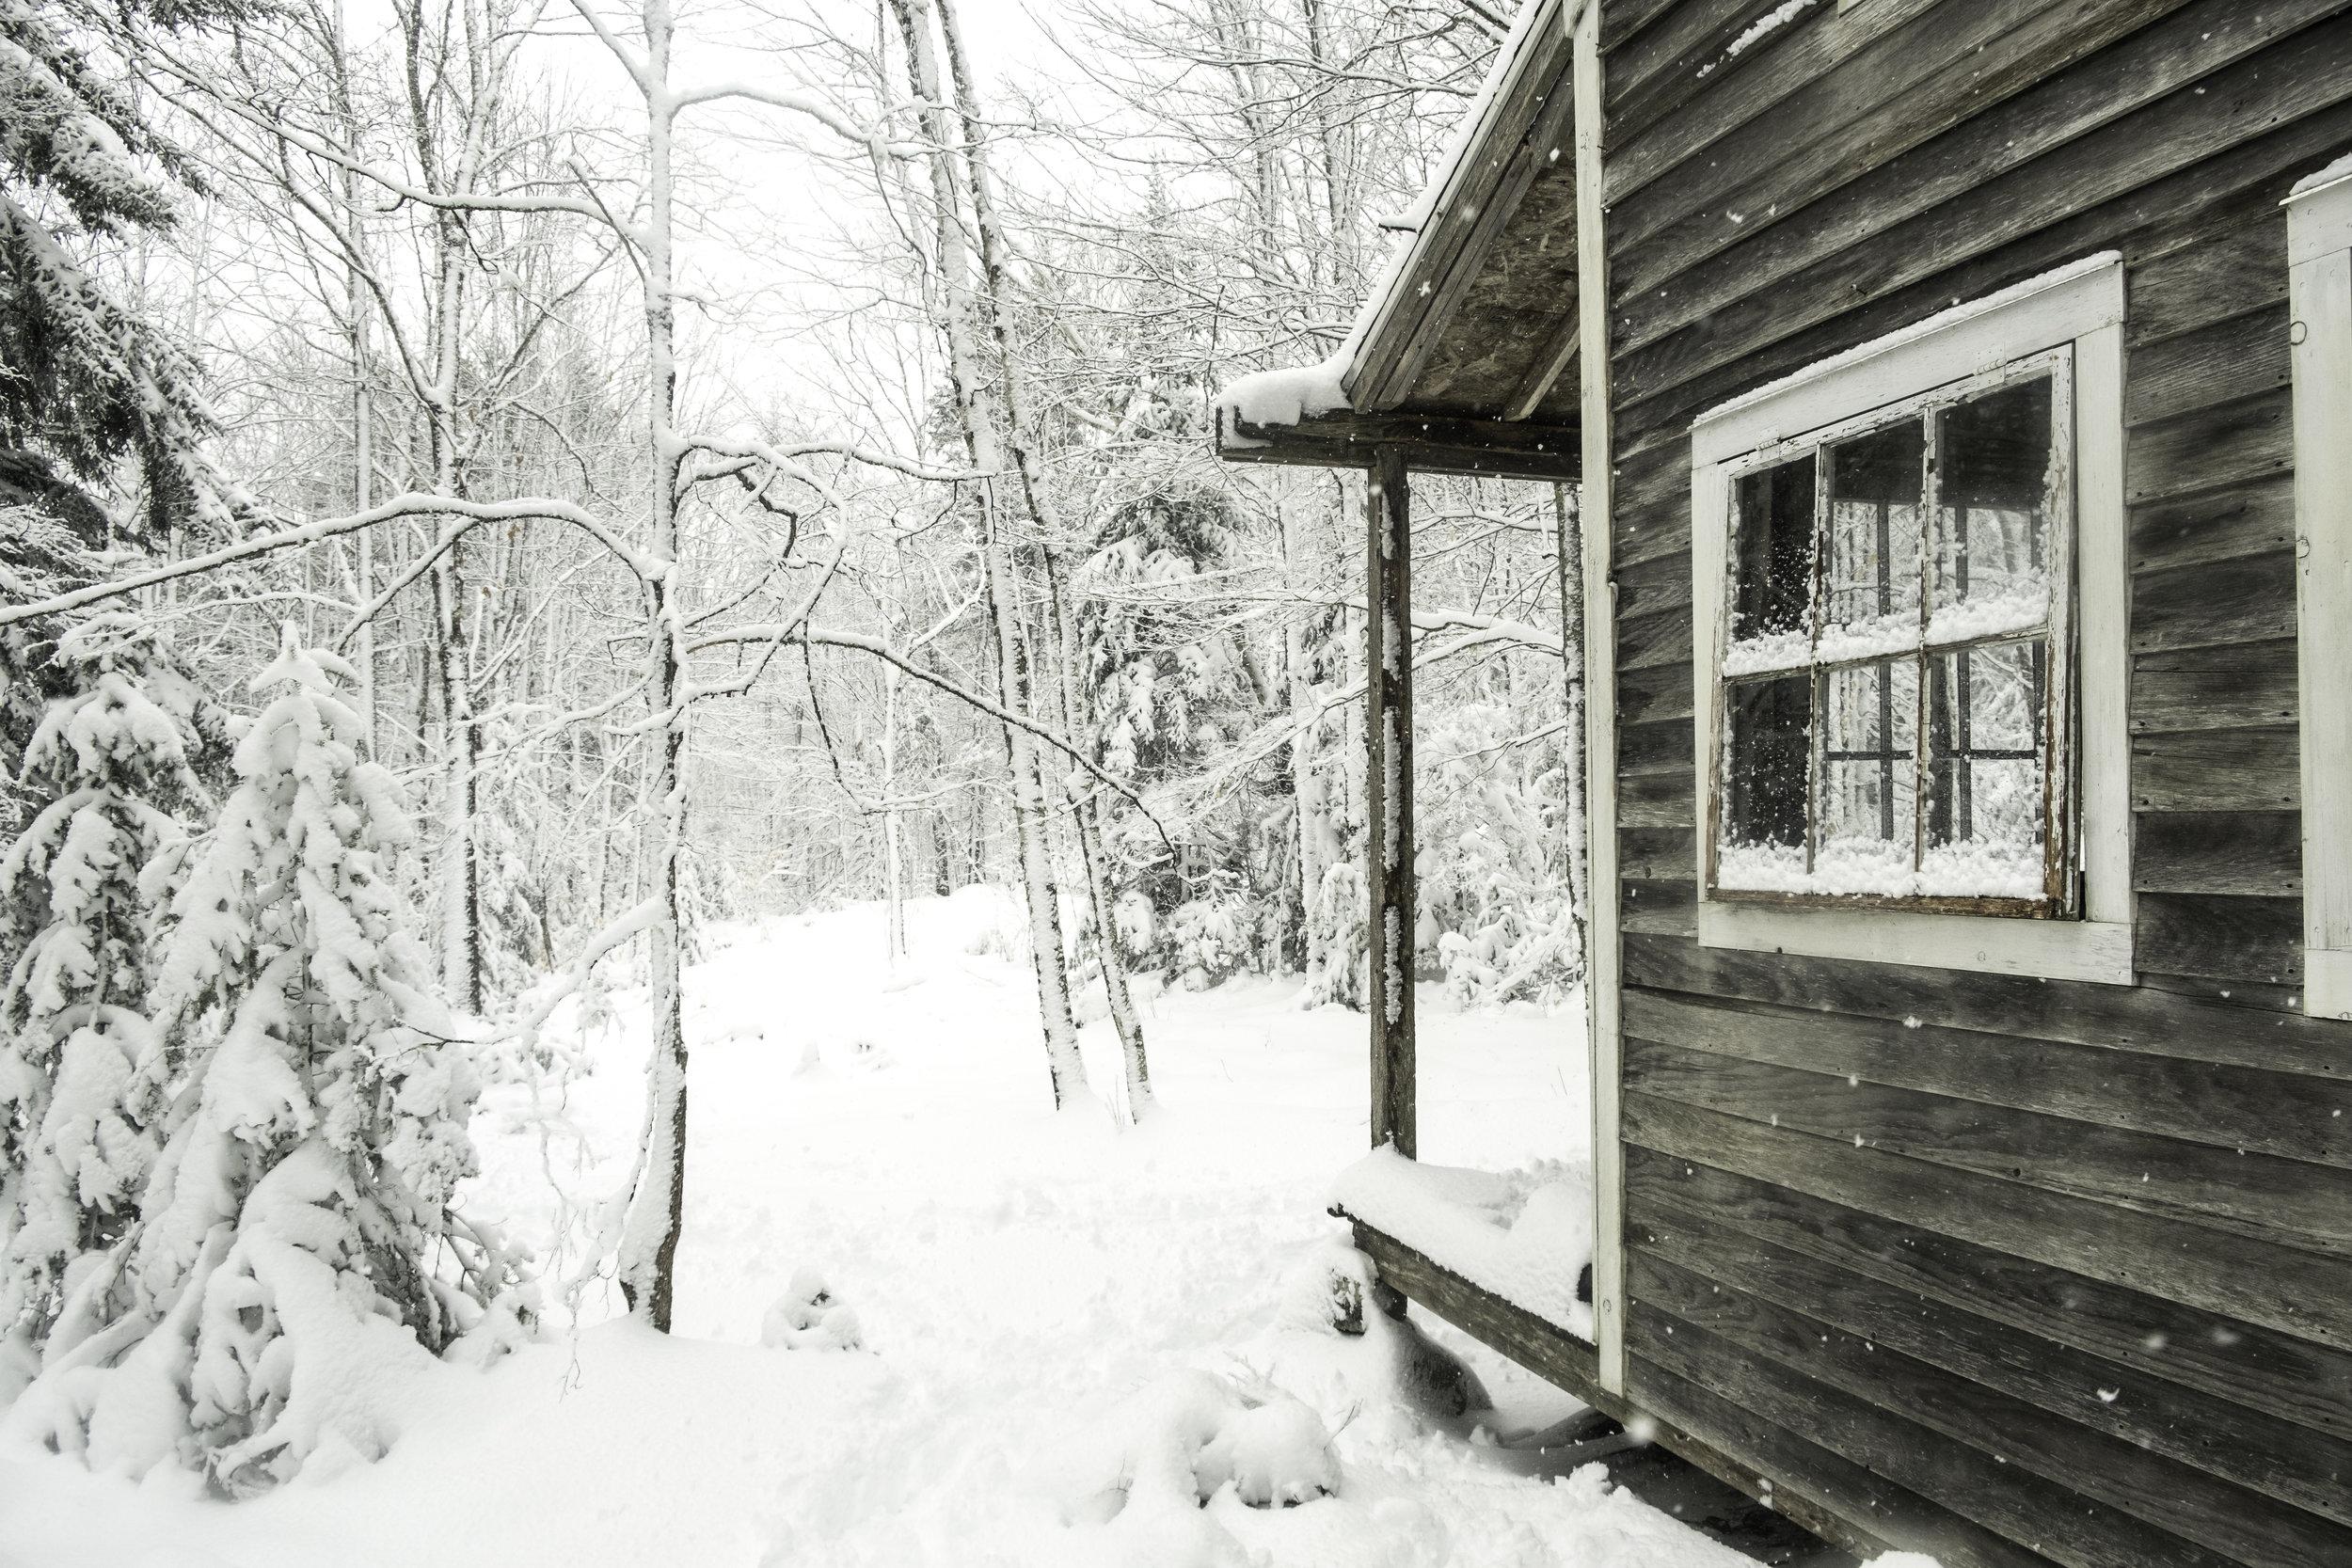 25_20180308_untitled_SnowStormBackyard_DSCF4451.jpg